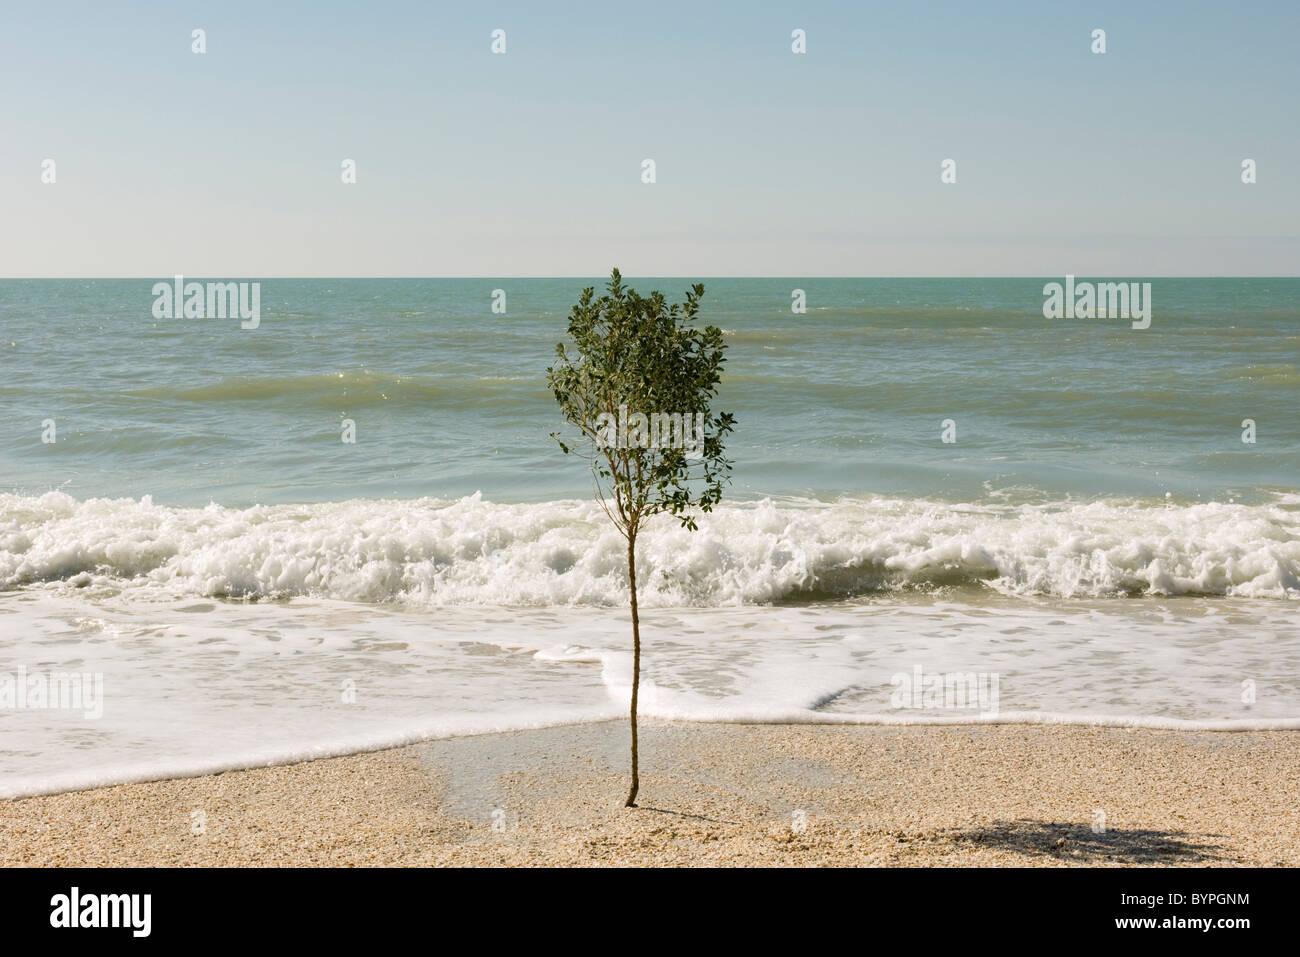 Arbre solitaire croissant sur plage près de bord de l'eau Photo Stock